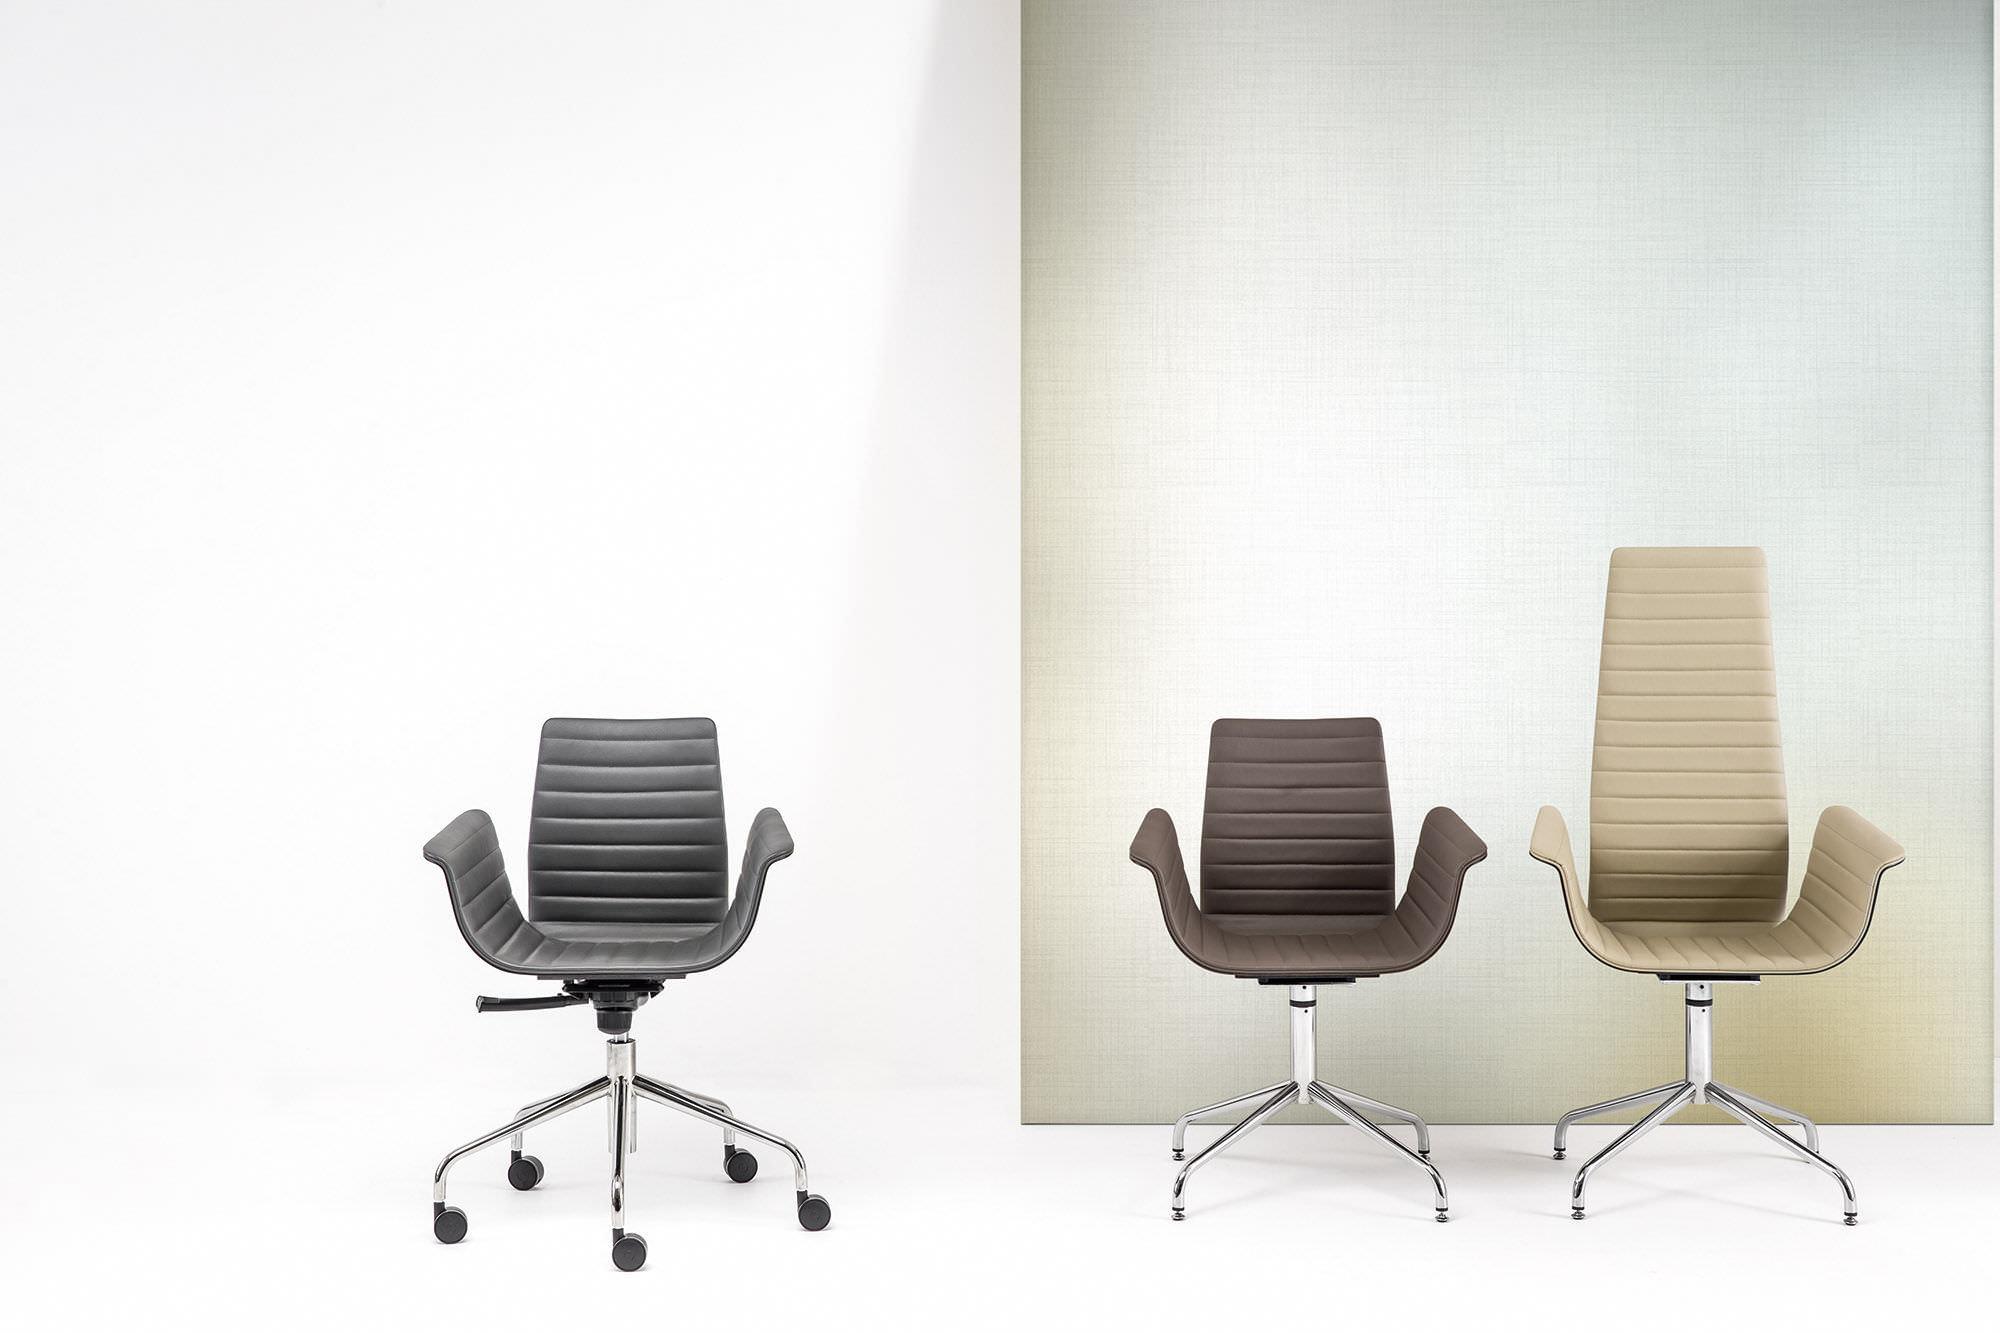 Sedie A Rotelle Schienale Alto : Idee di sedie con braccioli e schienale alto collezione sedia